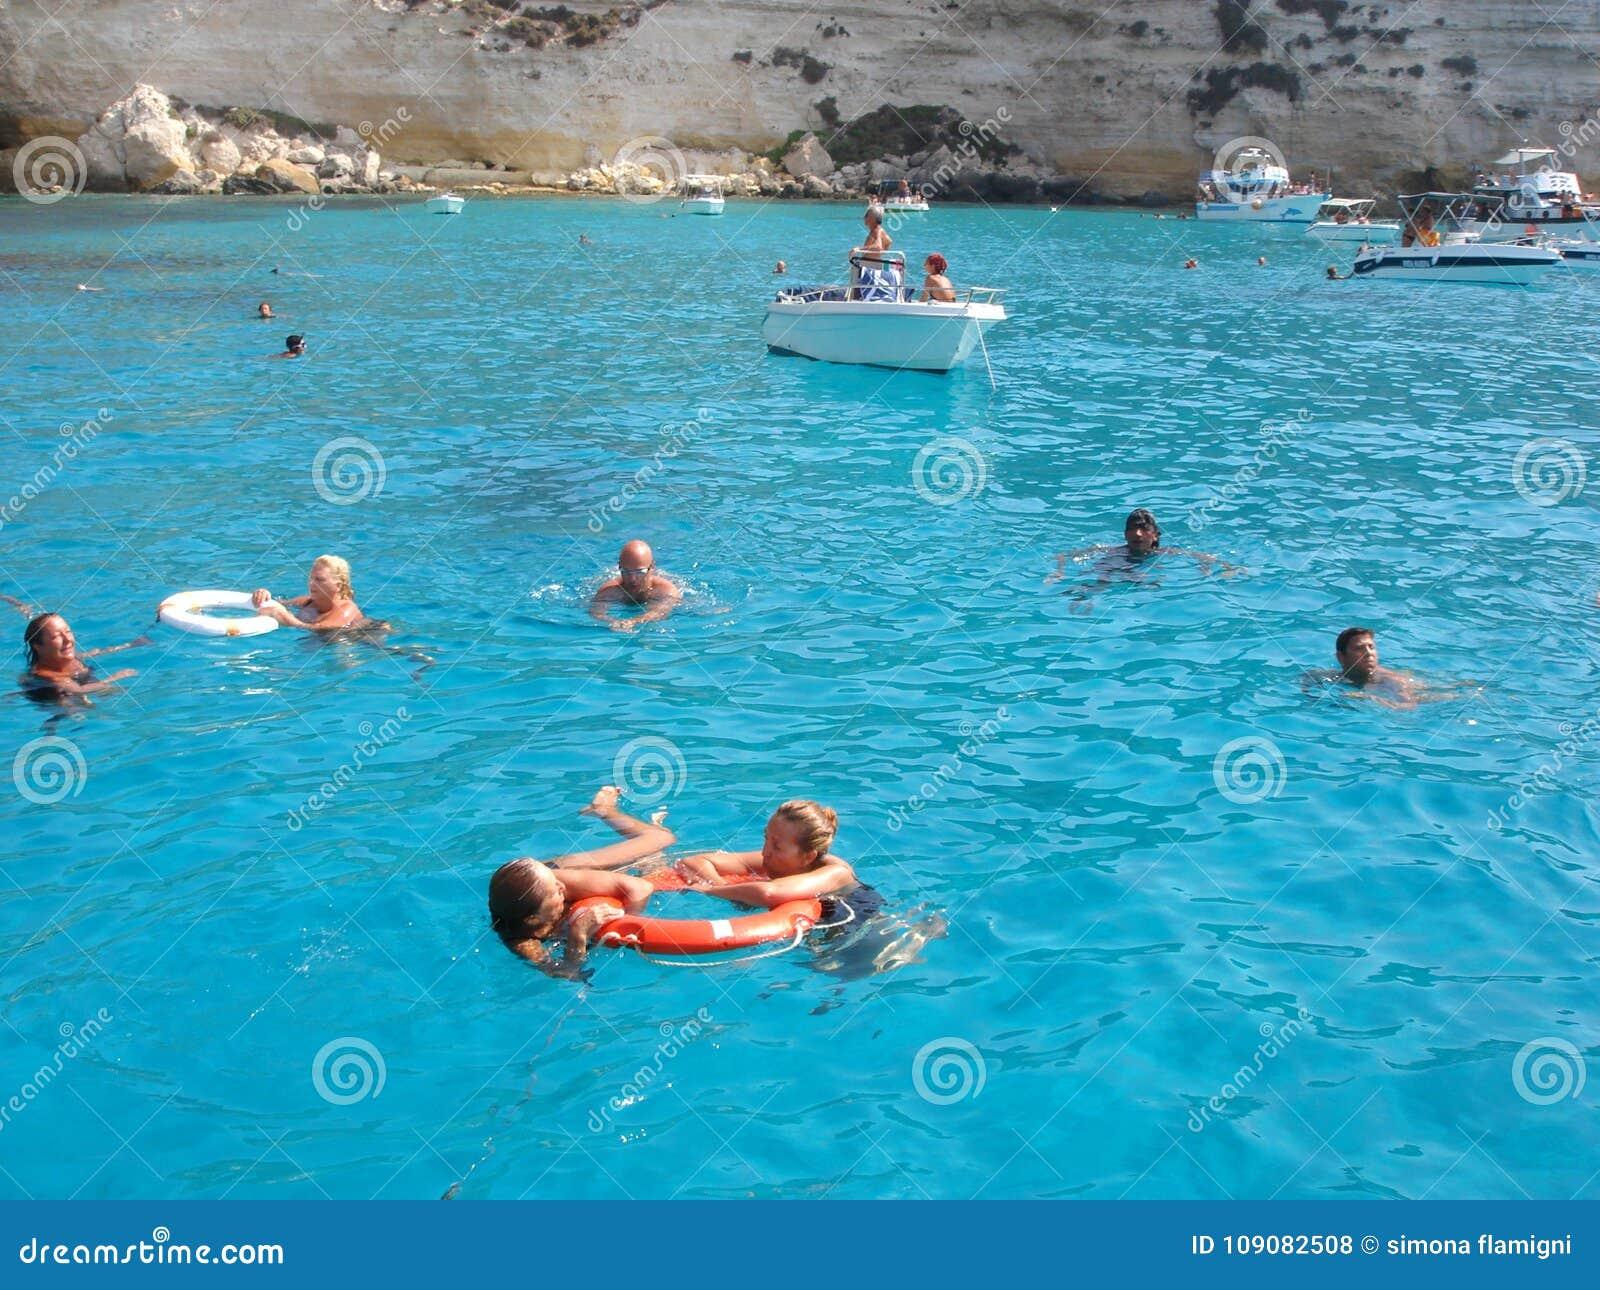 Isola dei Conigli plaża w Lampedusa